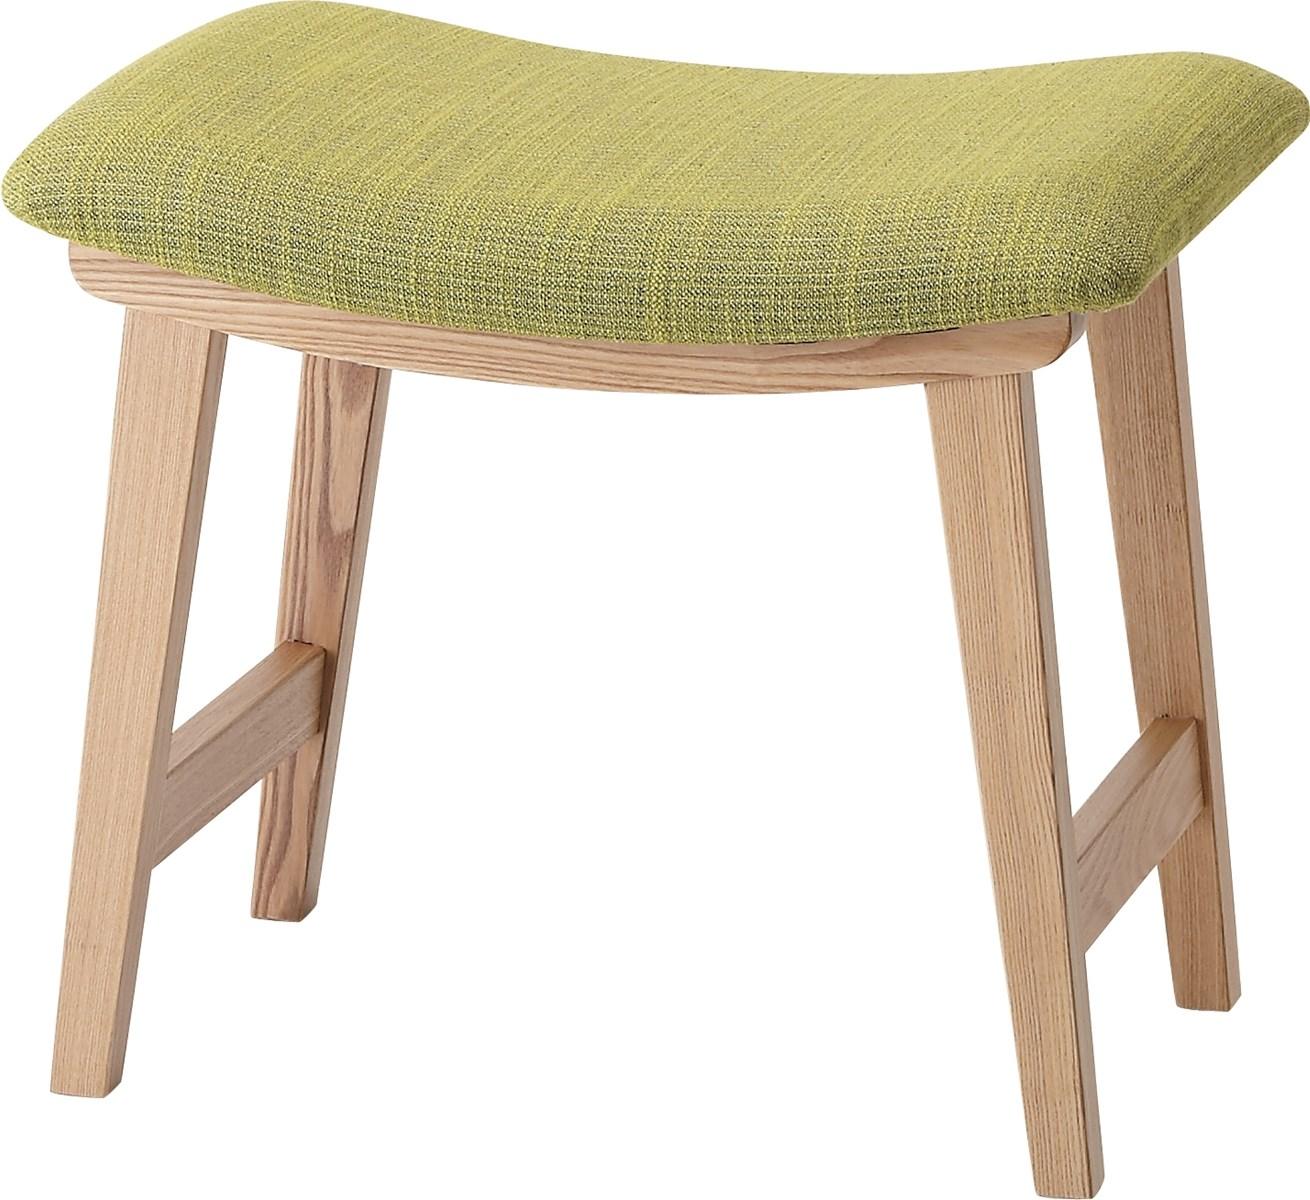 スツール イス バーチェア 椅子 カウンターチェア (数量1) グリーン 緑